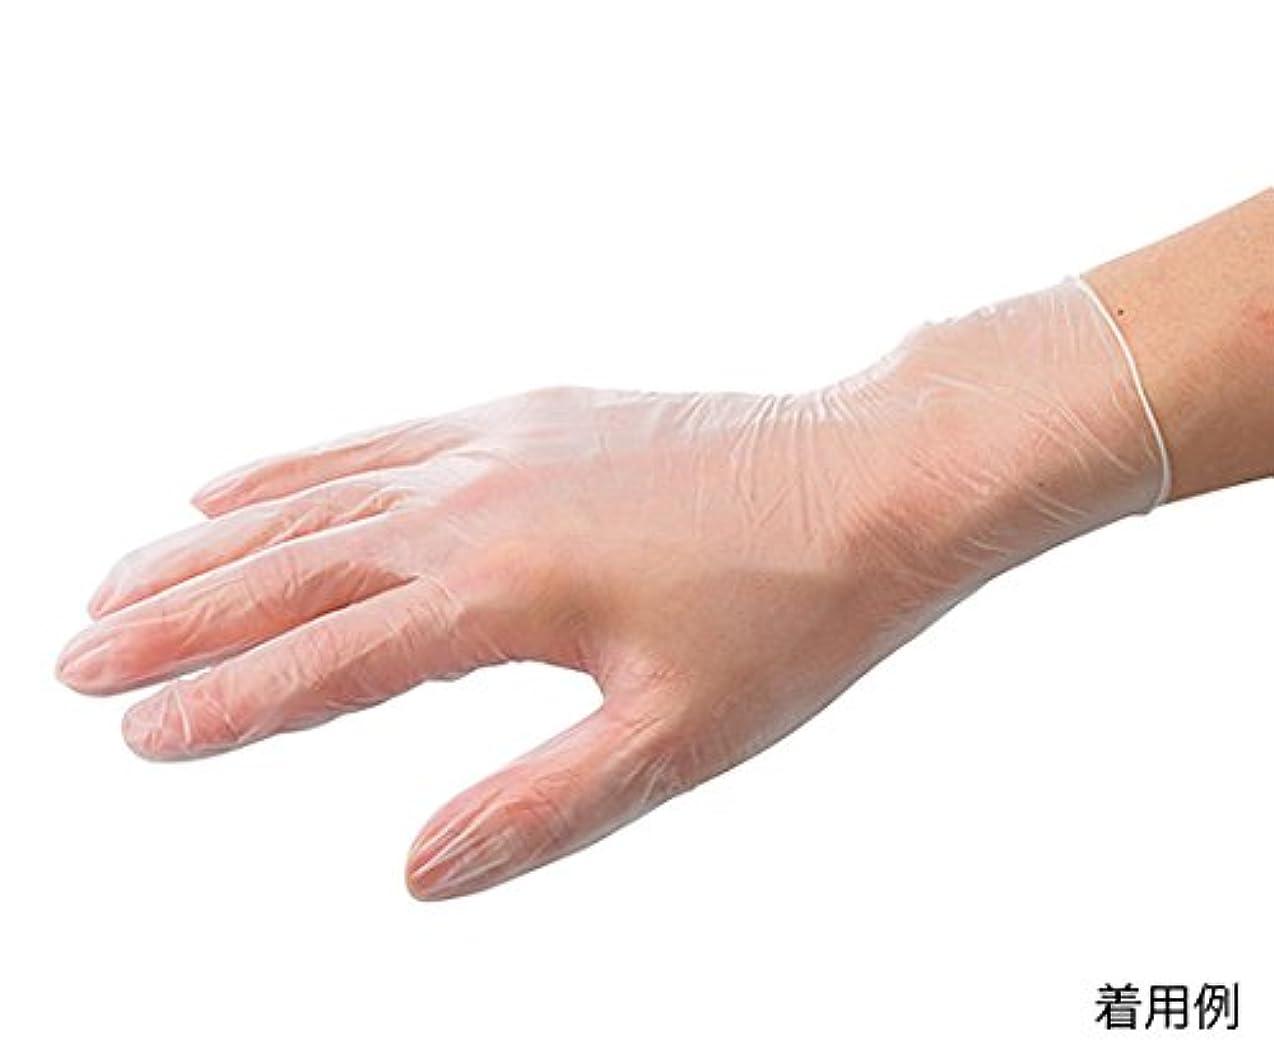 東方カジュアル重大ARメディコム?インク?アジアリミテッド7-3727-03バイタルプラスチック手袋(パウダー付き)L150枚入